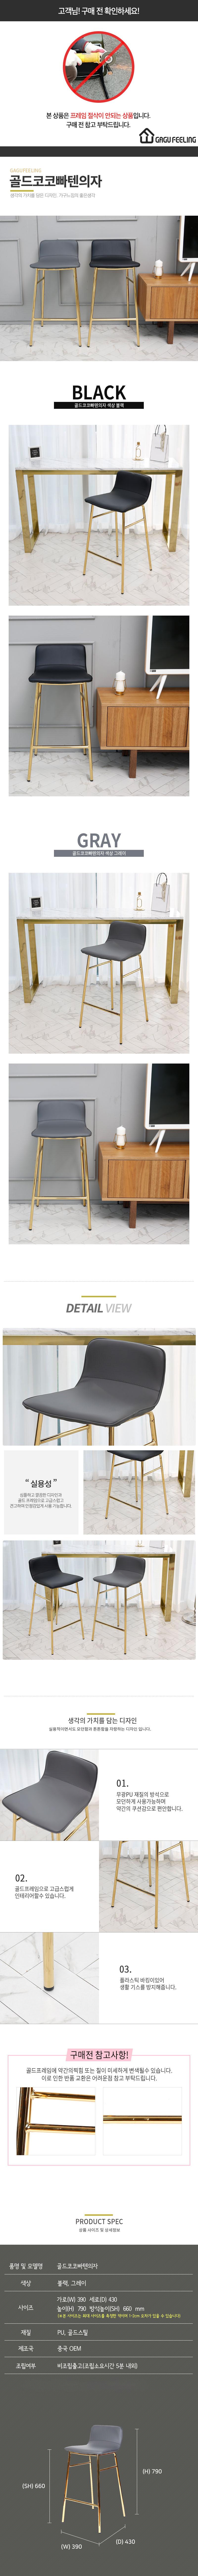 [가구느낌] 골드코코빠텐의자 1+1 홈바 아일랜드식탁의자 - 가구느낌, 119,000원, 디자인 의자, 바의자